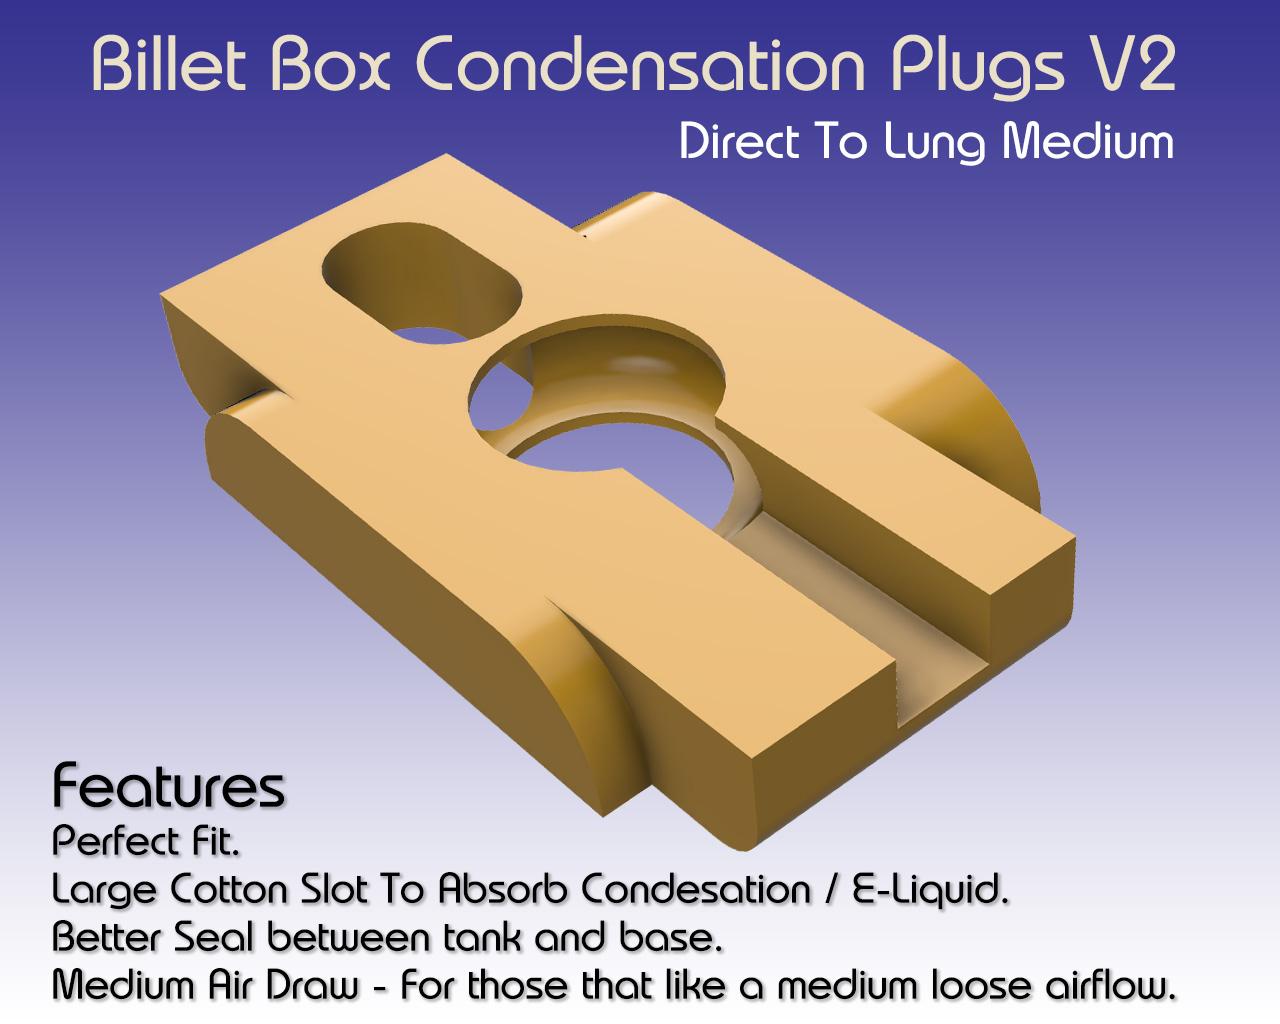 BB-Plug-V2-DTL-Med.jpg